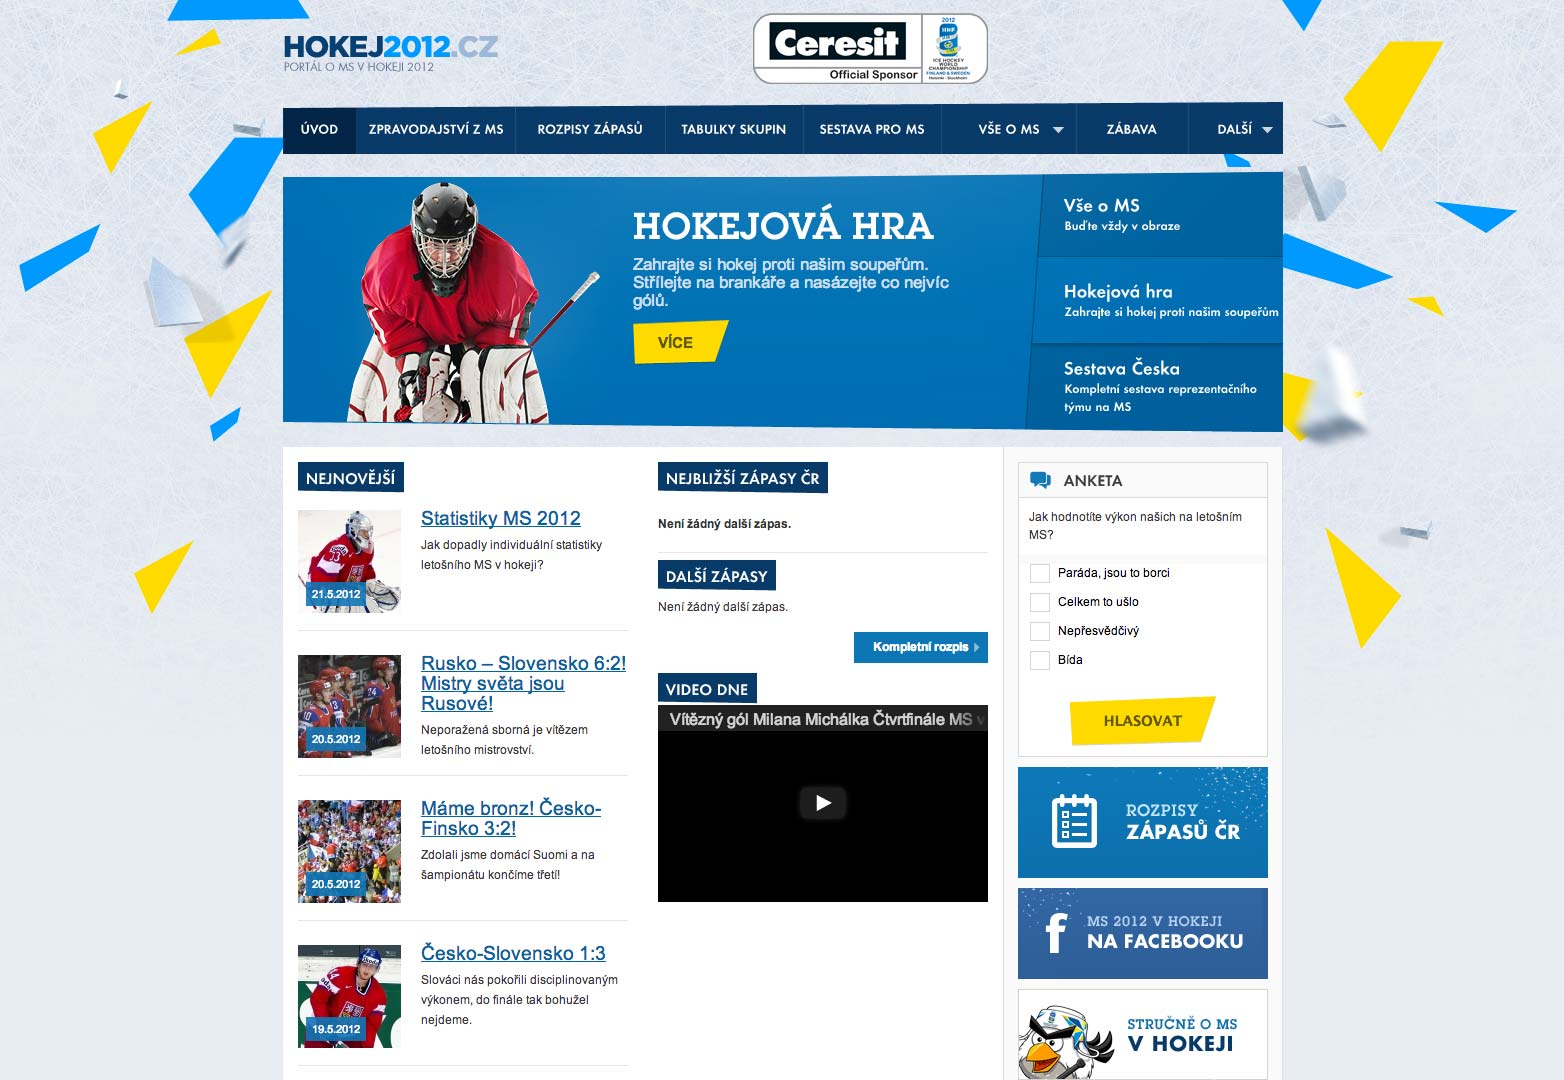 Jokej 2012